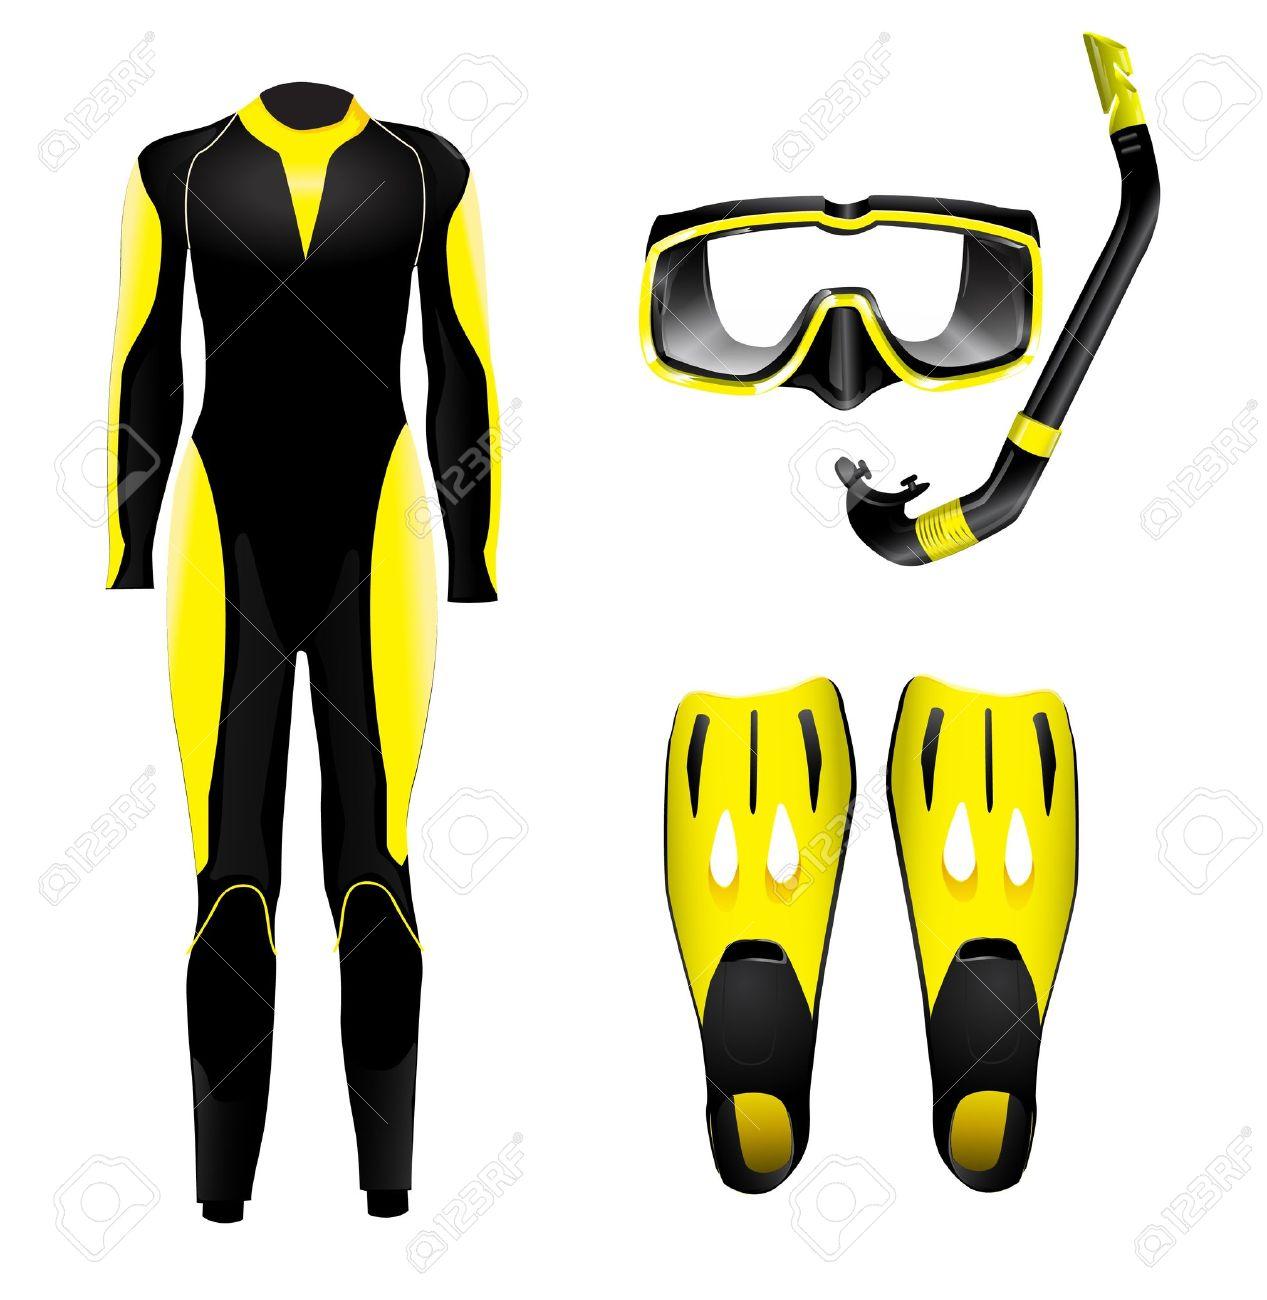 hight resolution of scuba diving gear clipart